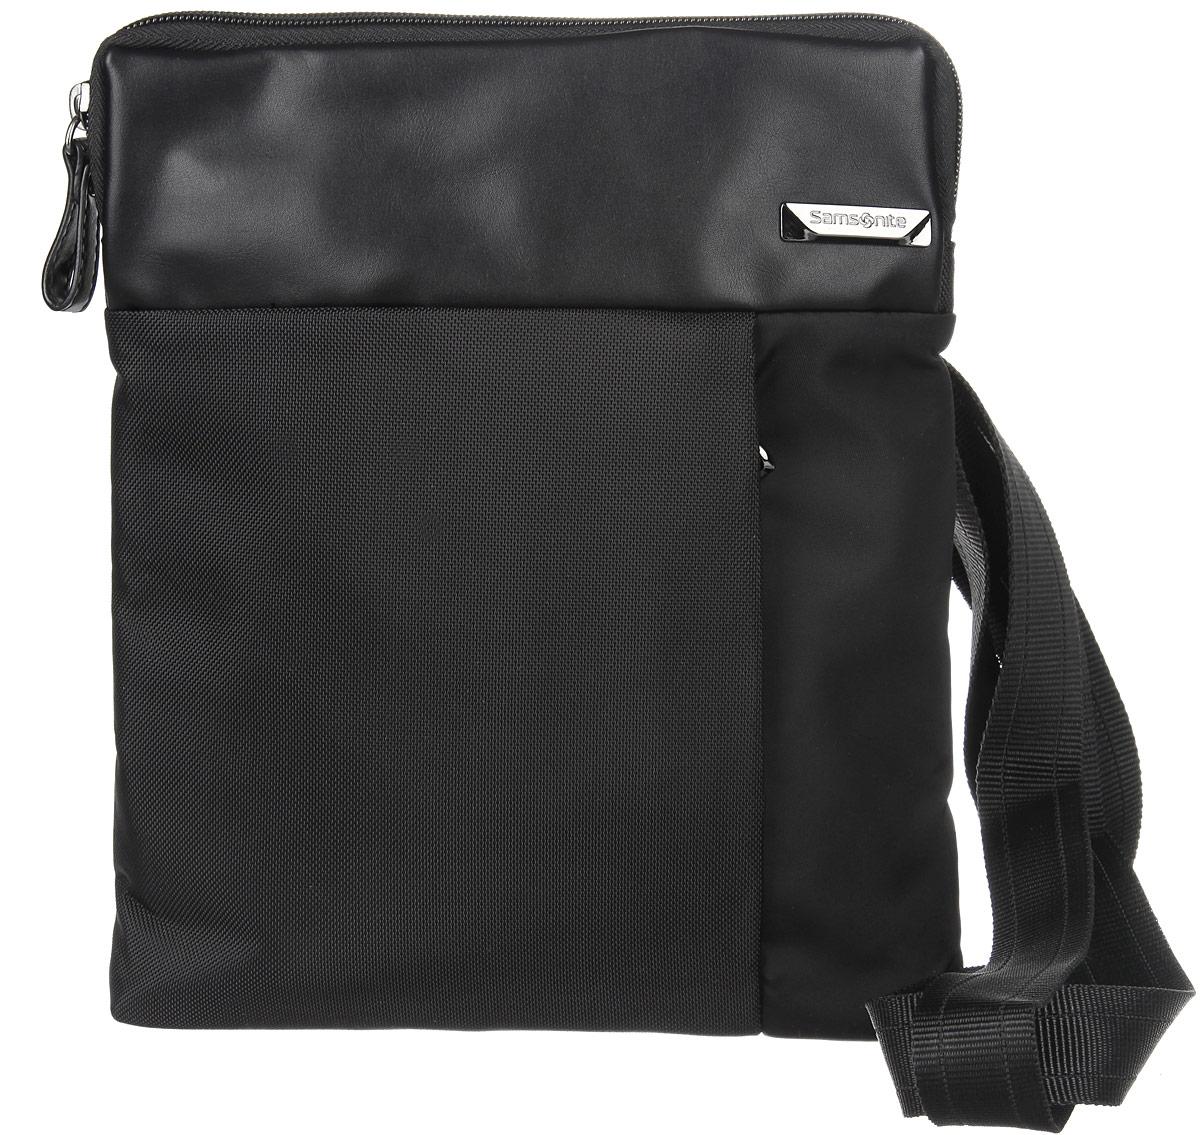 Сумка мужская Samsonite, цвет: черный. 49D-0900449D-09004Стильная мужская сумка Samsonite выполнена из нейлона и полиуретана, оформлена металлической фурнитурой с символикой бренда. Изделие содержит одно основное отделение, закрывающееся на застежку-молнию. Внутри сумки расположены мягкий карман для планшета, закрывающийся хлястиком на липучку, и небольшой встроенный органайзер, включающий в себя два фиксатора для ручек и три кармашка для пластиковых карт. Задняя сторона сумки дополнена открытым накладным карманом на застежке-липучке. На лицевой стороне расположен потайной кармашек на молнии. Изделие оснащено практичным плечевым ремнем регулируемой длины. Сегодня мужская сумка - необходимый аксессуар для современного мужчины.